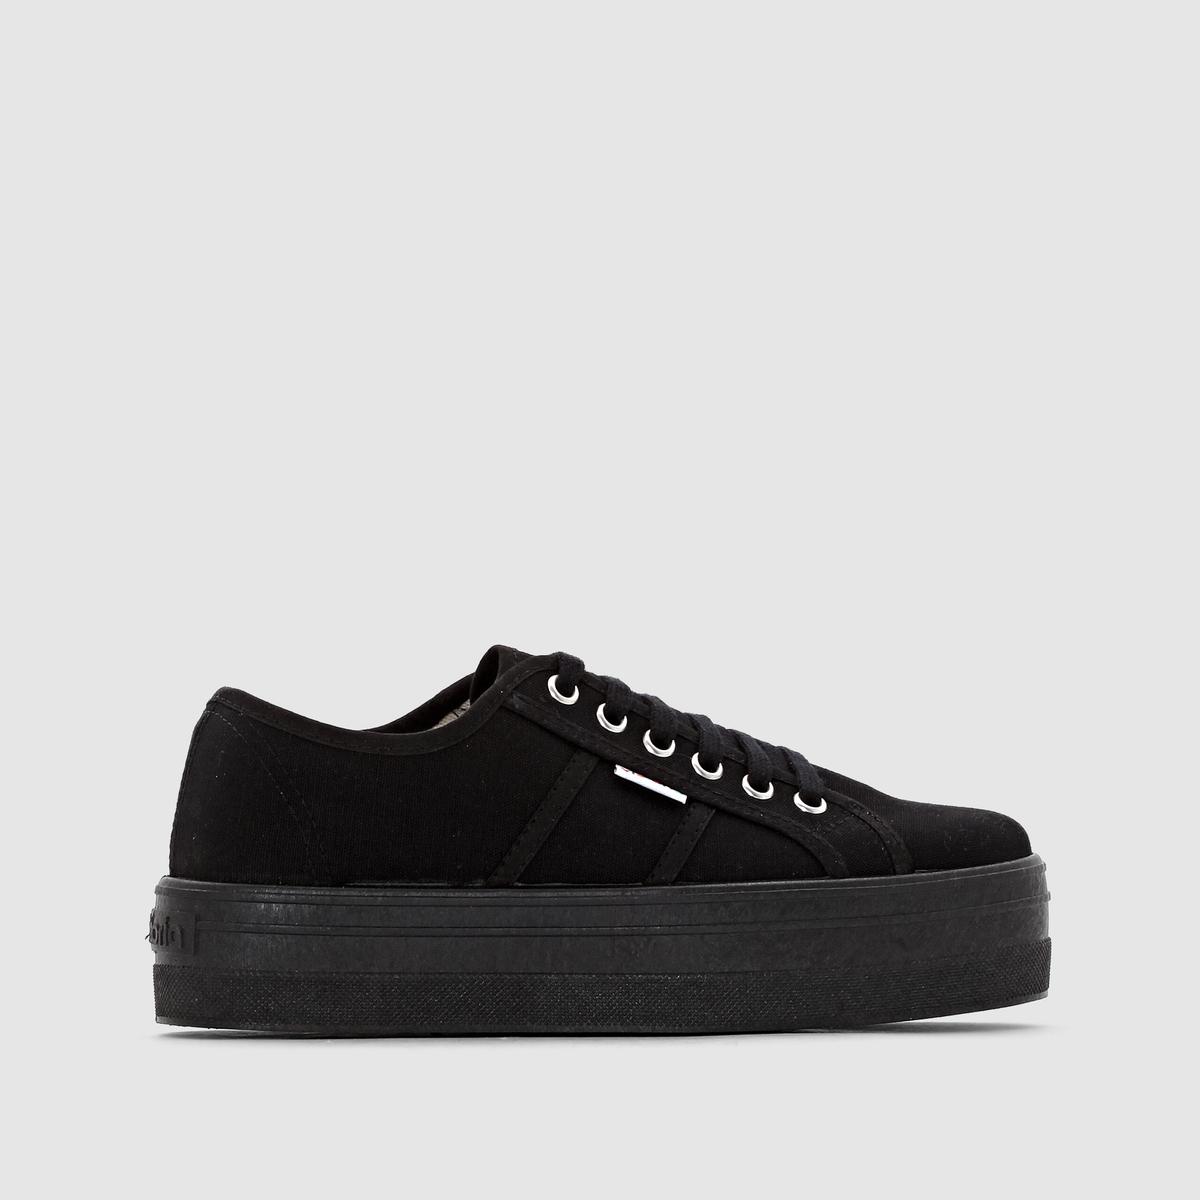 Кеды Victoria BLUCHER LONA PLATAFORMA NEУже целый век, как известная испанская марка Victoria, производит для нас стильную и простую обувь в стиле casual. Бережное отношение к окружающей среде, к нашей планете и нашему здоровью, благодаря использованию натуральных материалов. Богатая и разнообразная линейка обуви для нас. Эти кеды на черной платформе выглядят невероятно стильно!<br><br>Цвет: черный